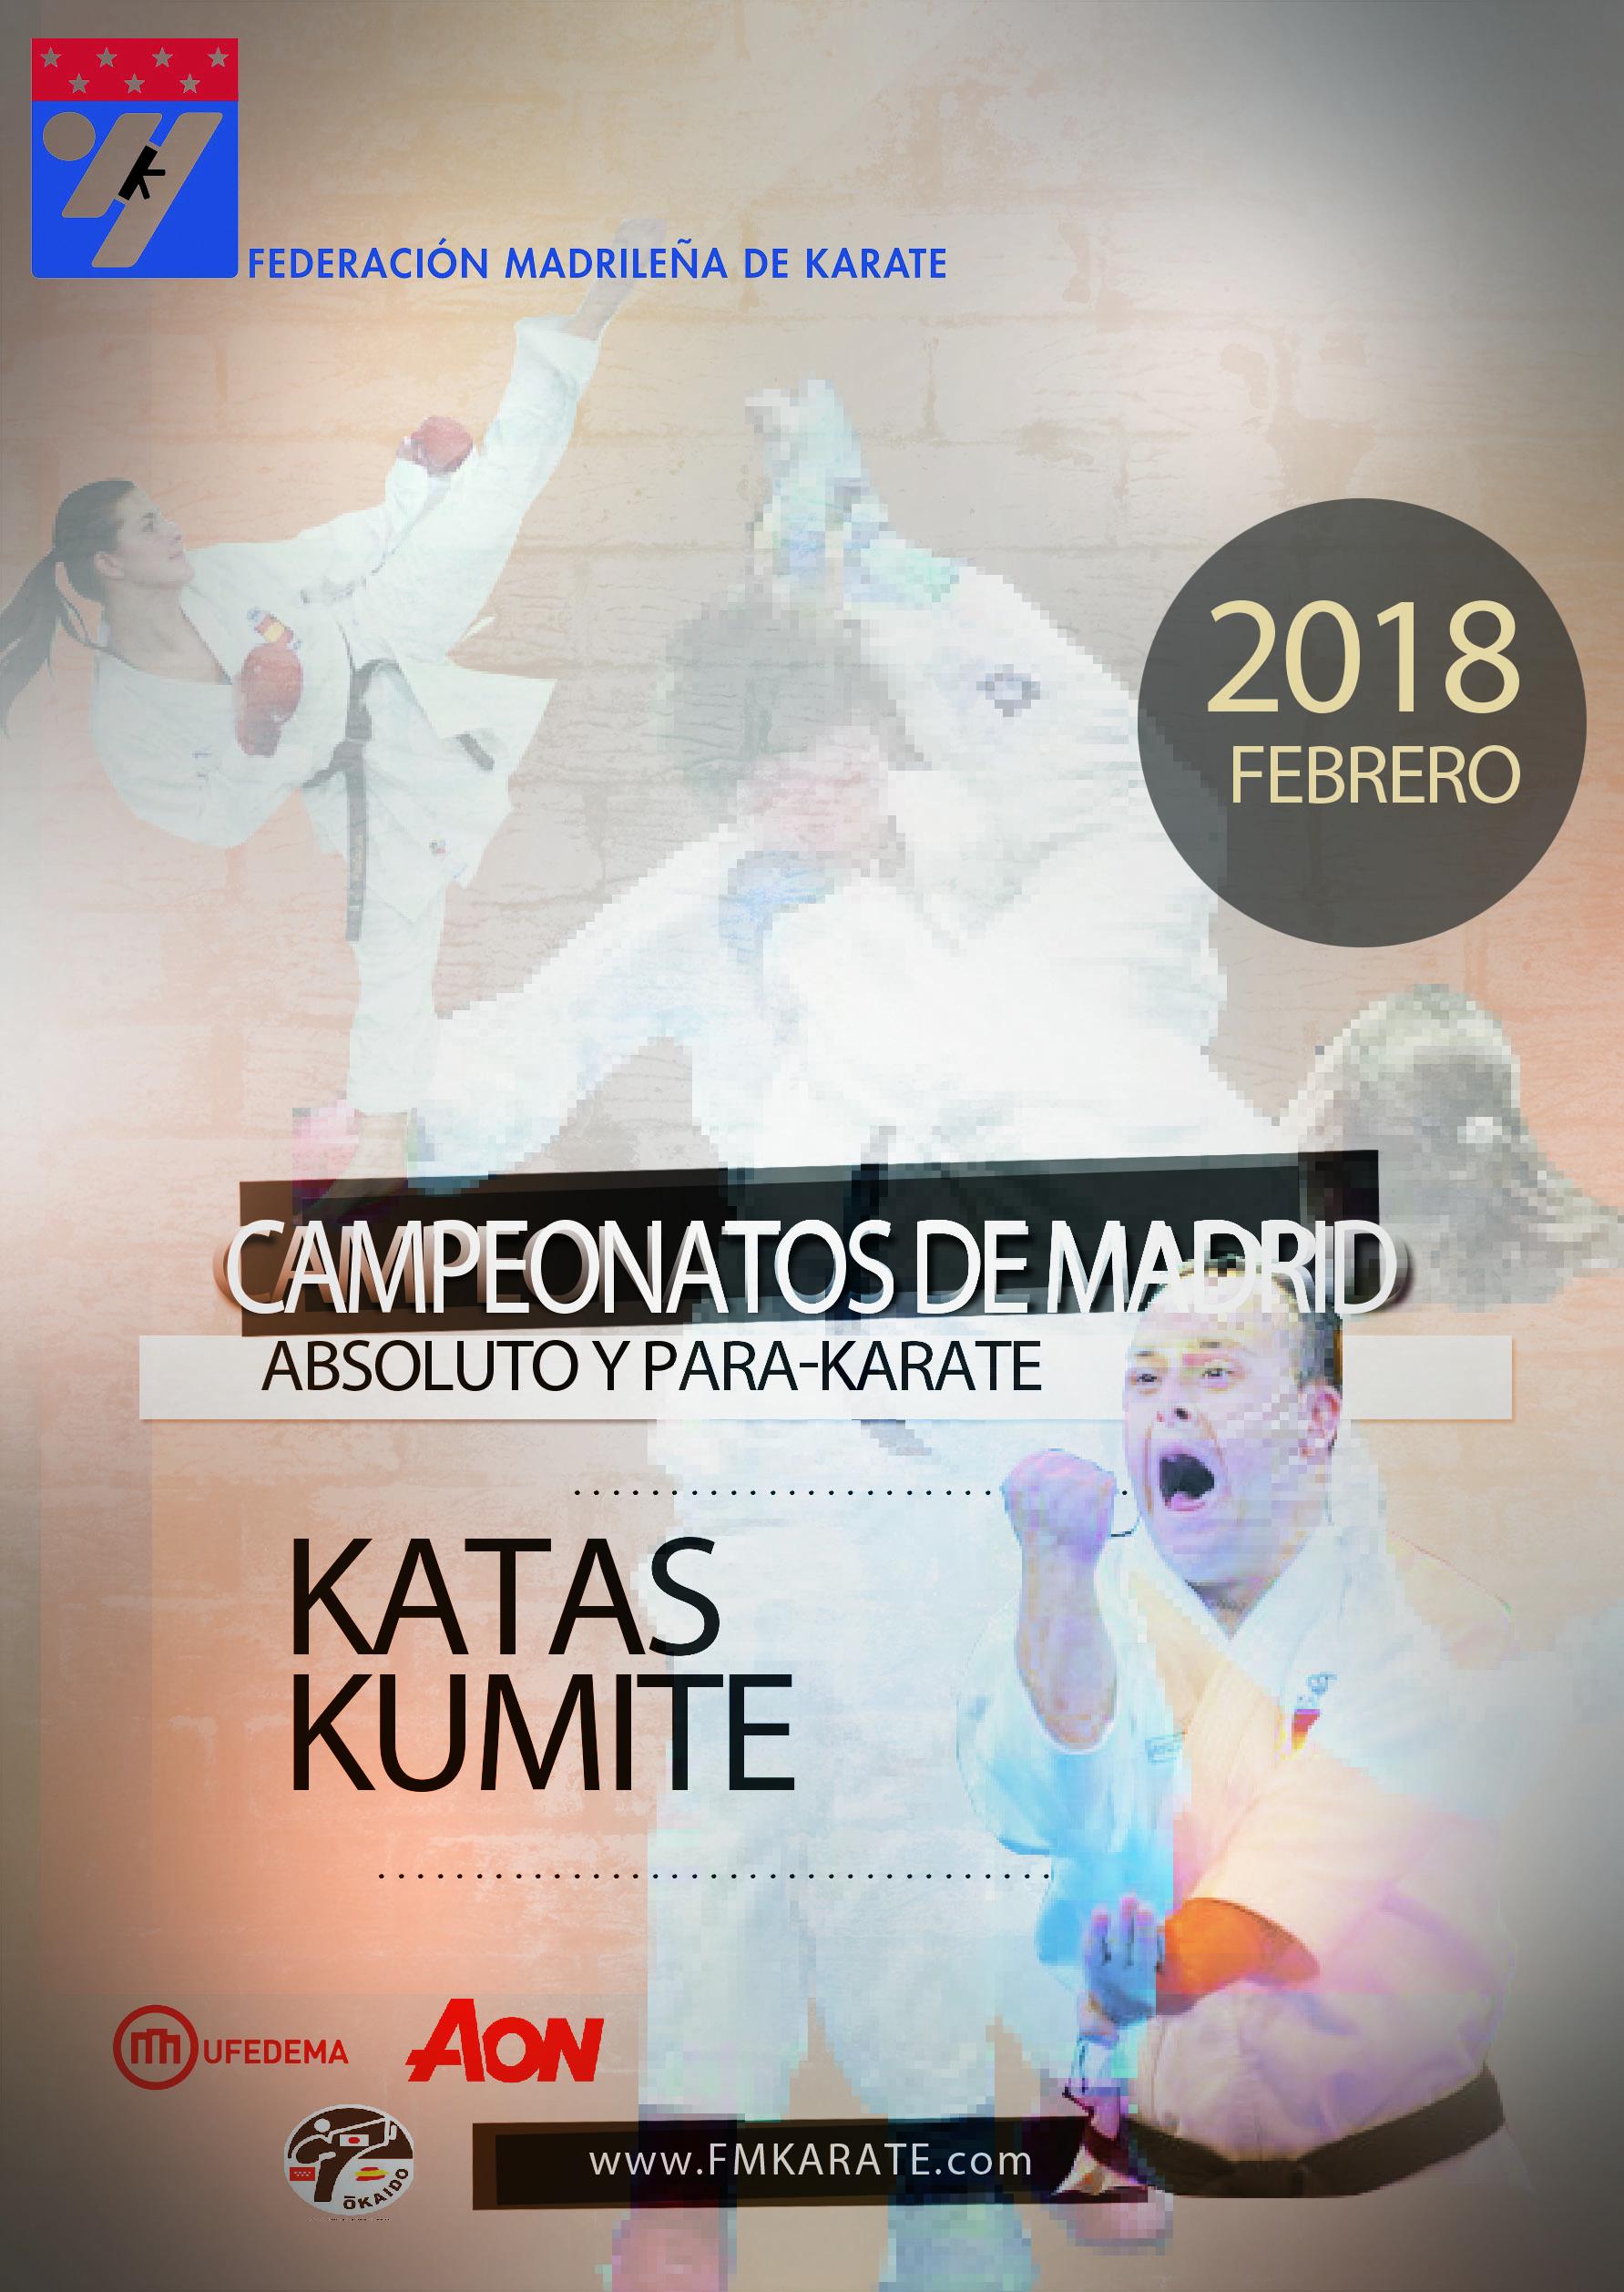 Campeonato de Madrid Sénior y ParaKarate 2018